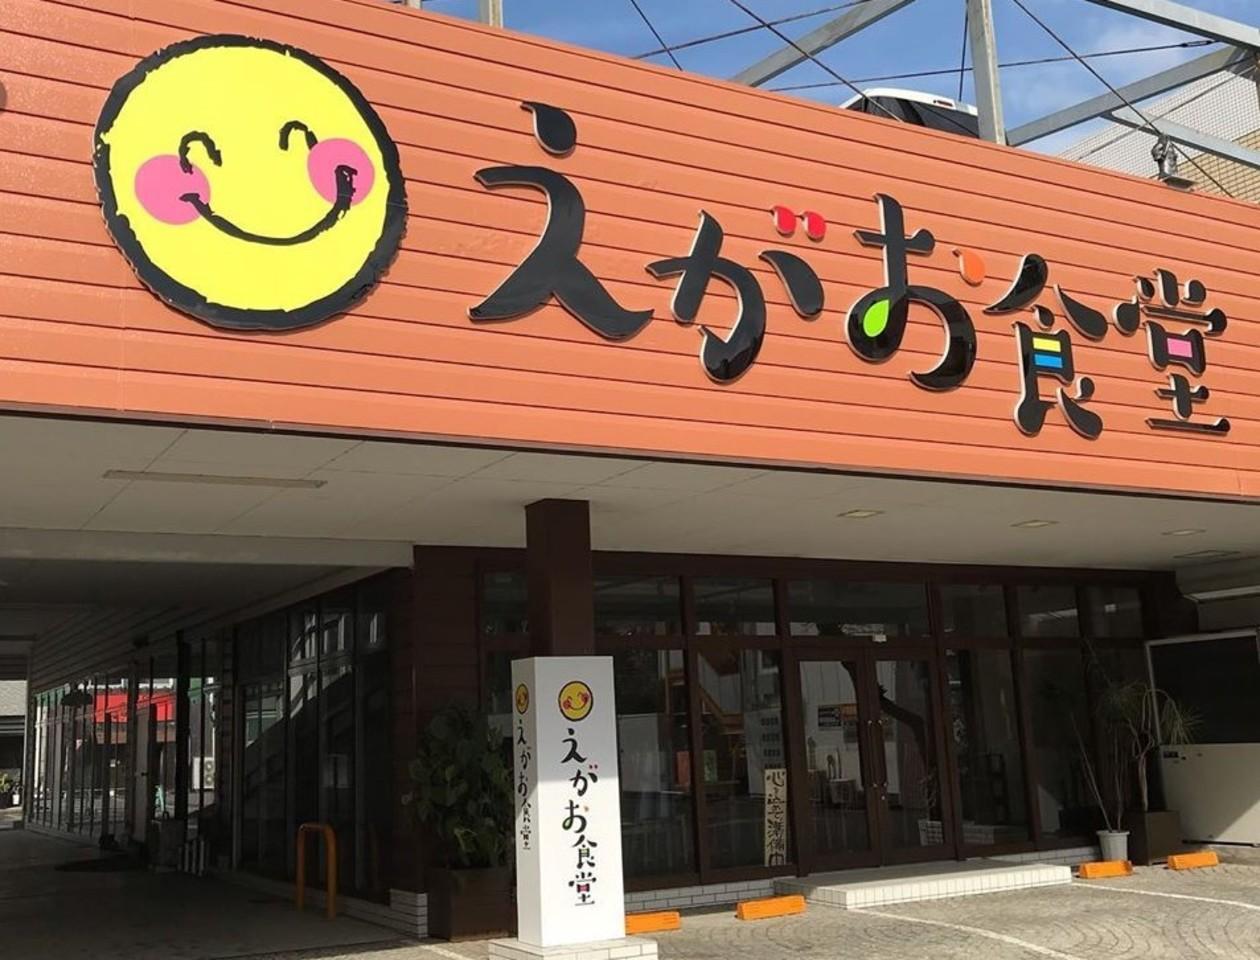 徳島県徳島市山城西2丁目に「えがお食堂」が3/5にオープンされたようです。